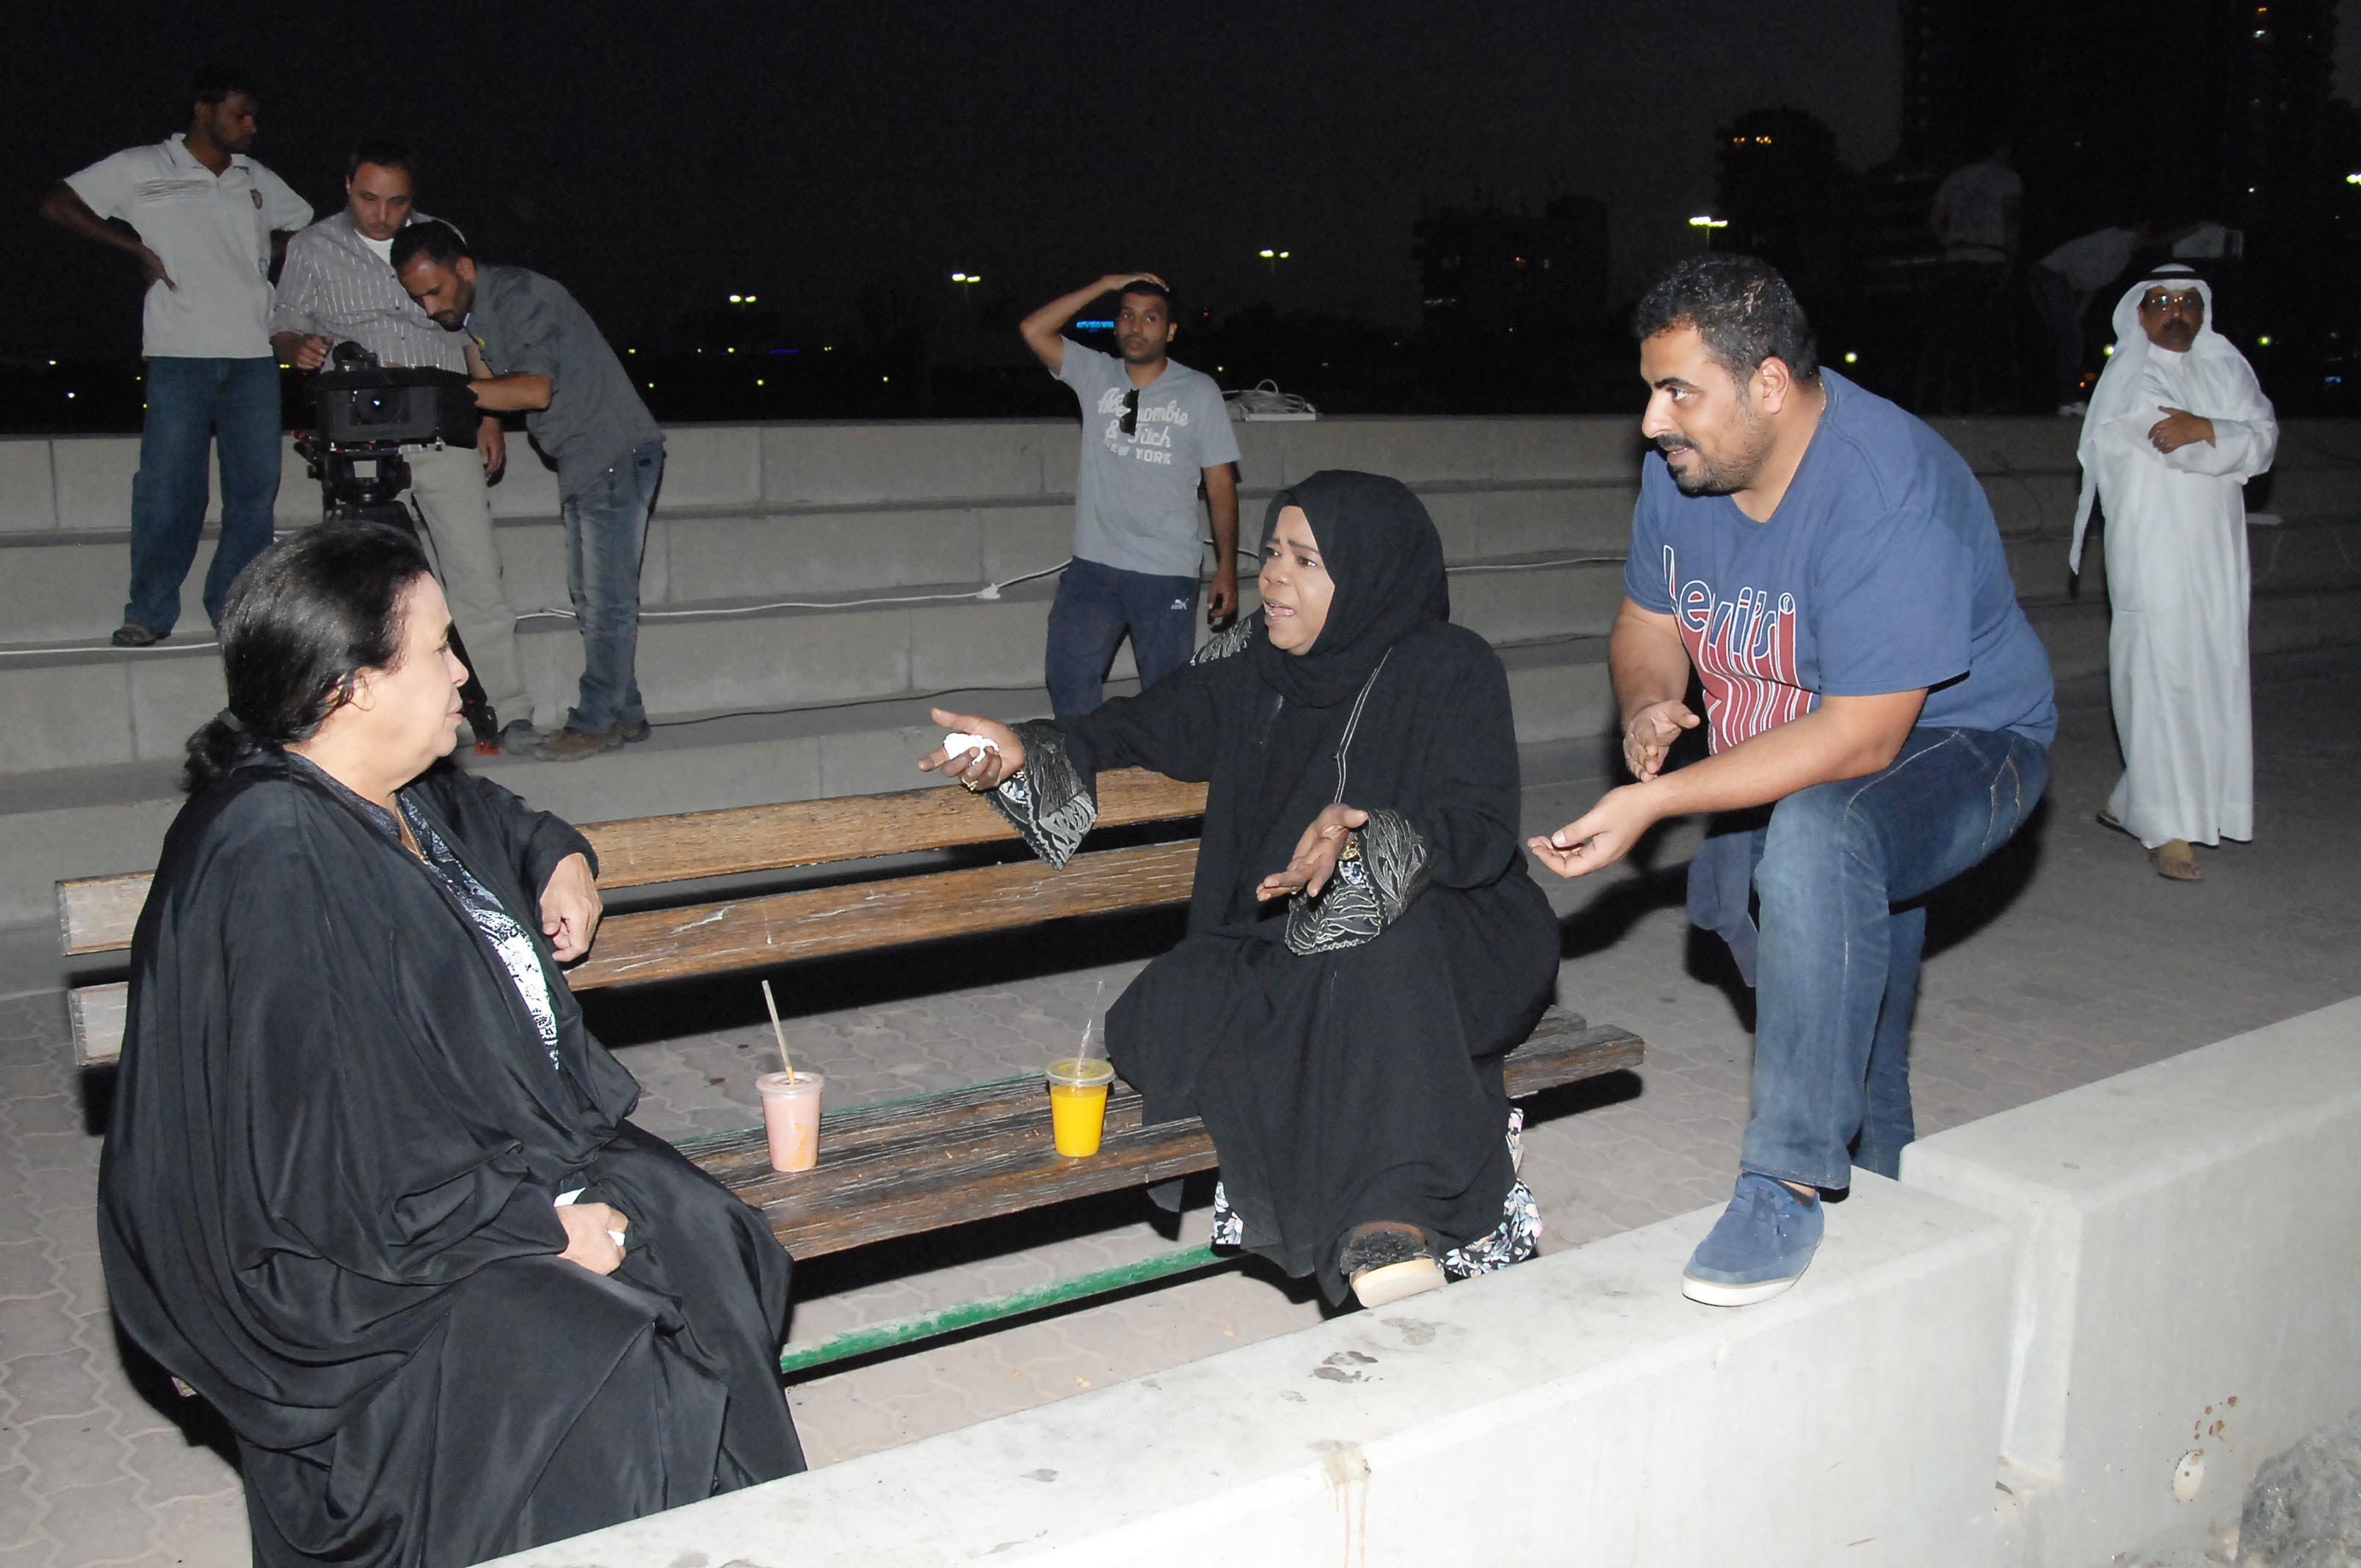 المخرج محمود الدوايمة يحضر لأحد المشاهد مع حياة الفهد وعصرية الزامل